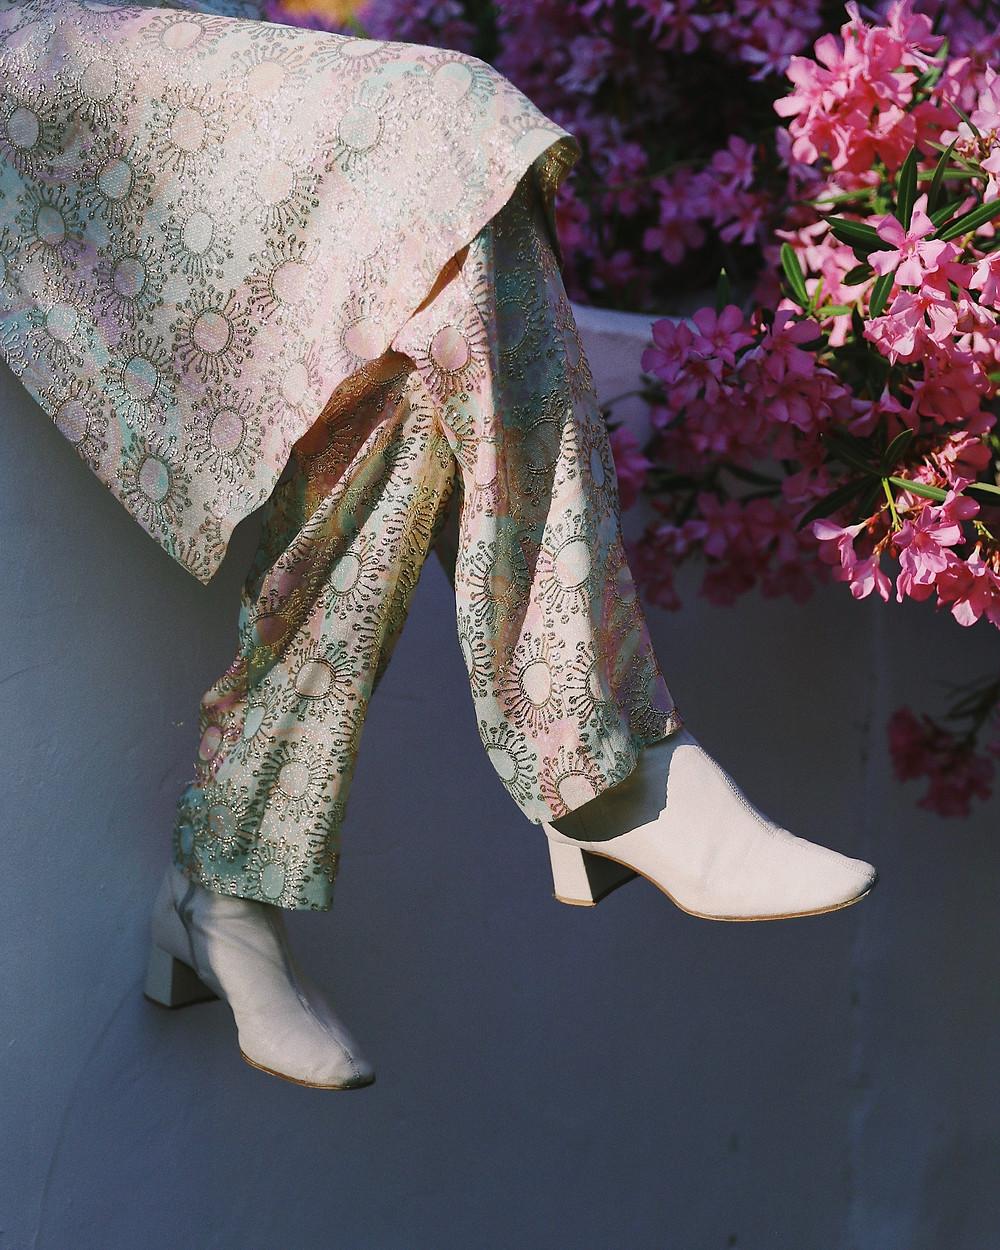 waist down shot of a woman wearing boots